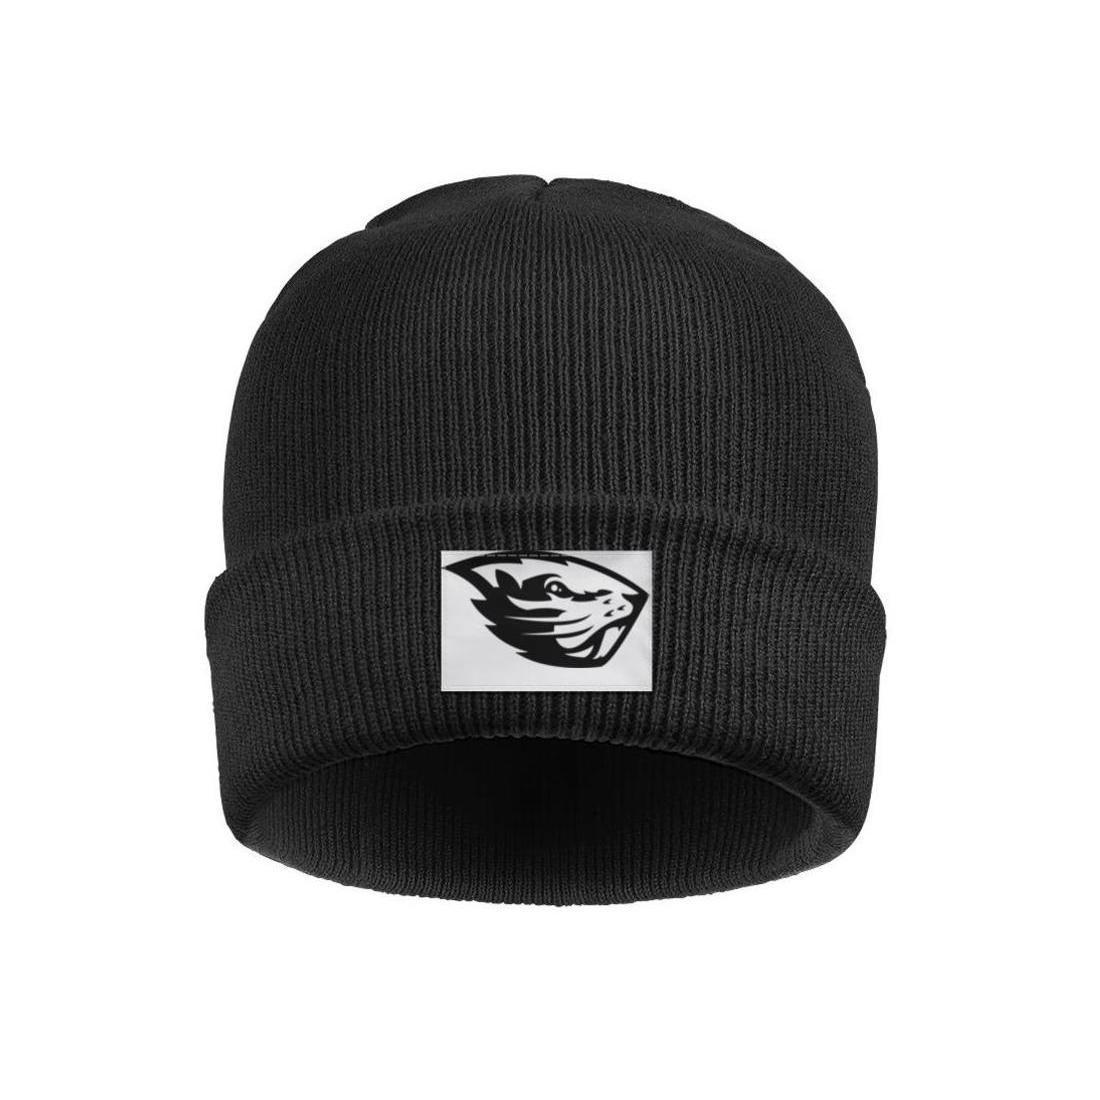 Мода Орегон Бобры футбол логотип Зимние теплые часы Beanie Hat винтажные шляпы черный камуфляж Gay гордость радуги Золото Stroke белый